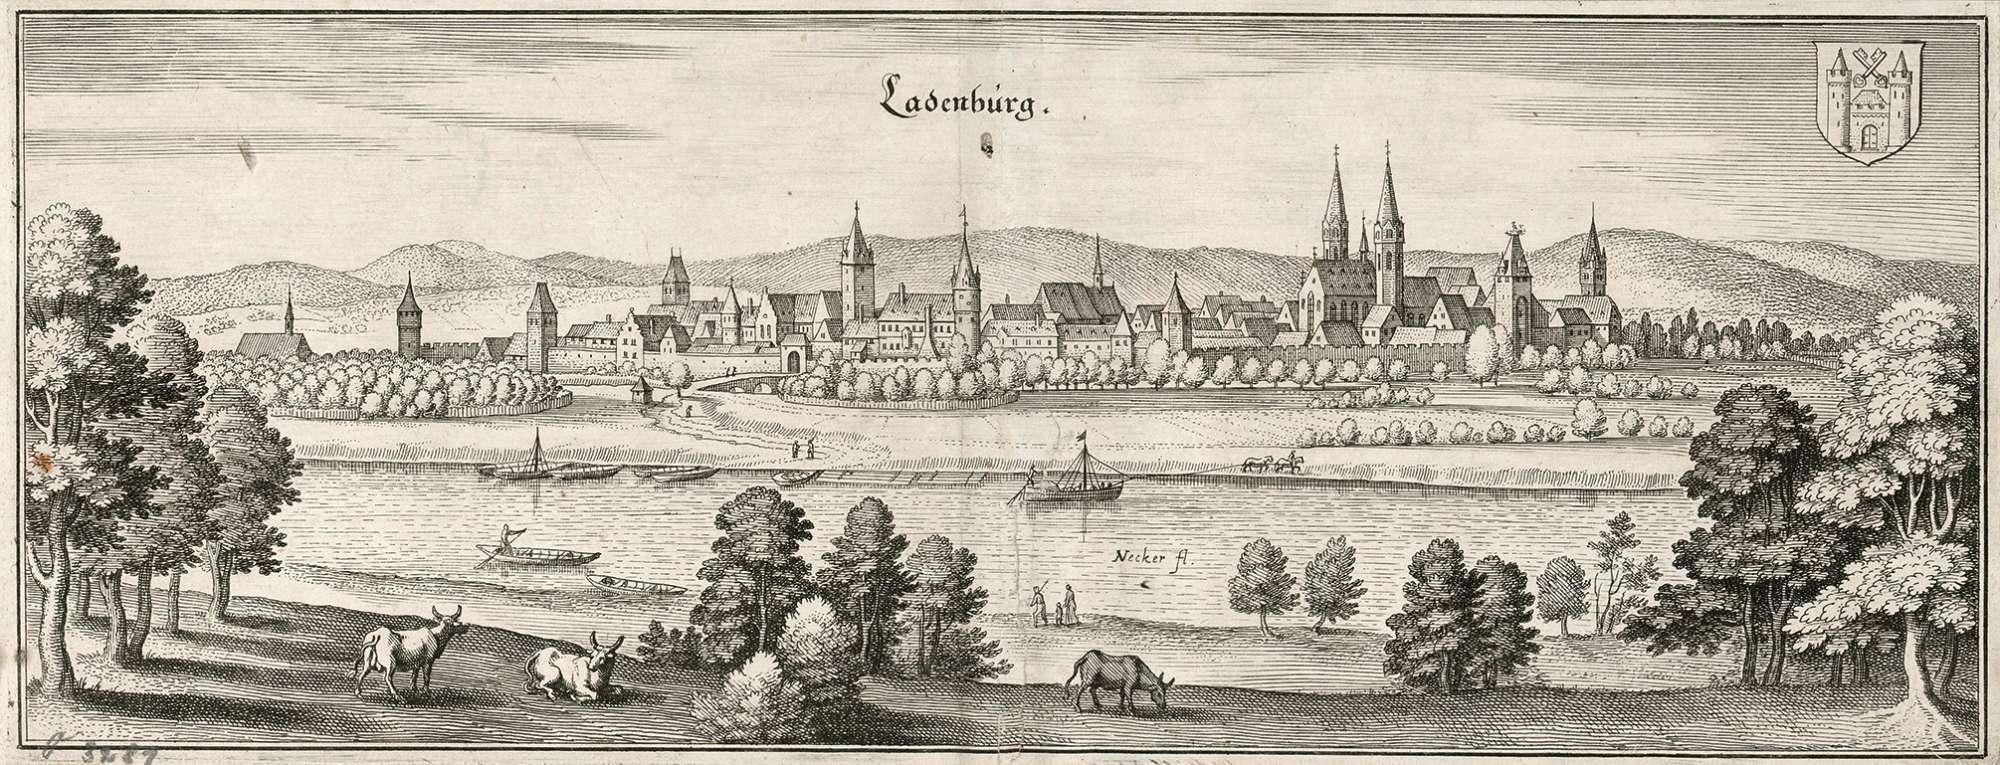 Ladenburg, Bild 1